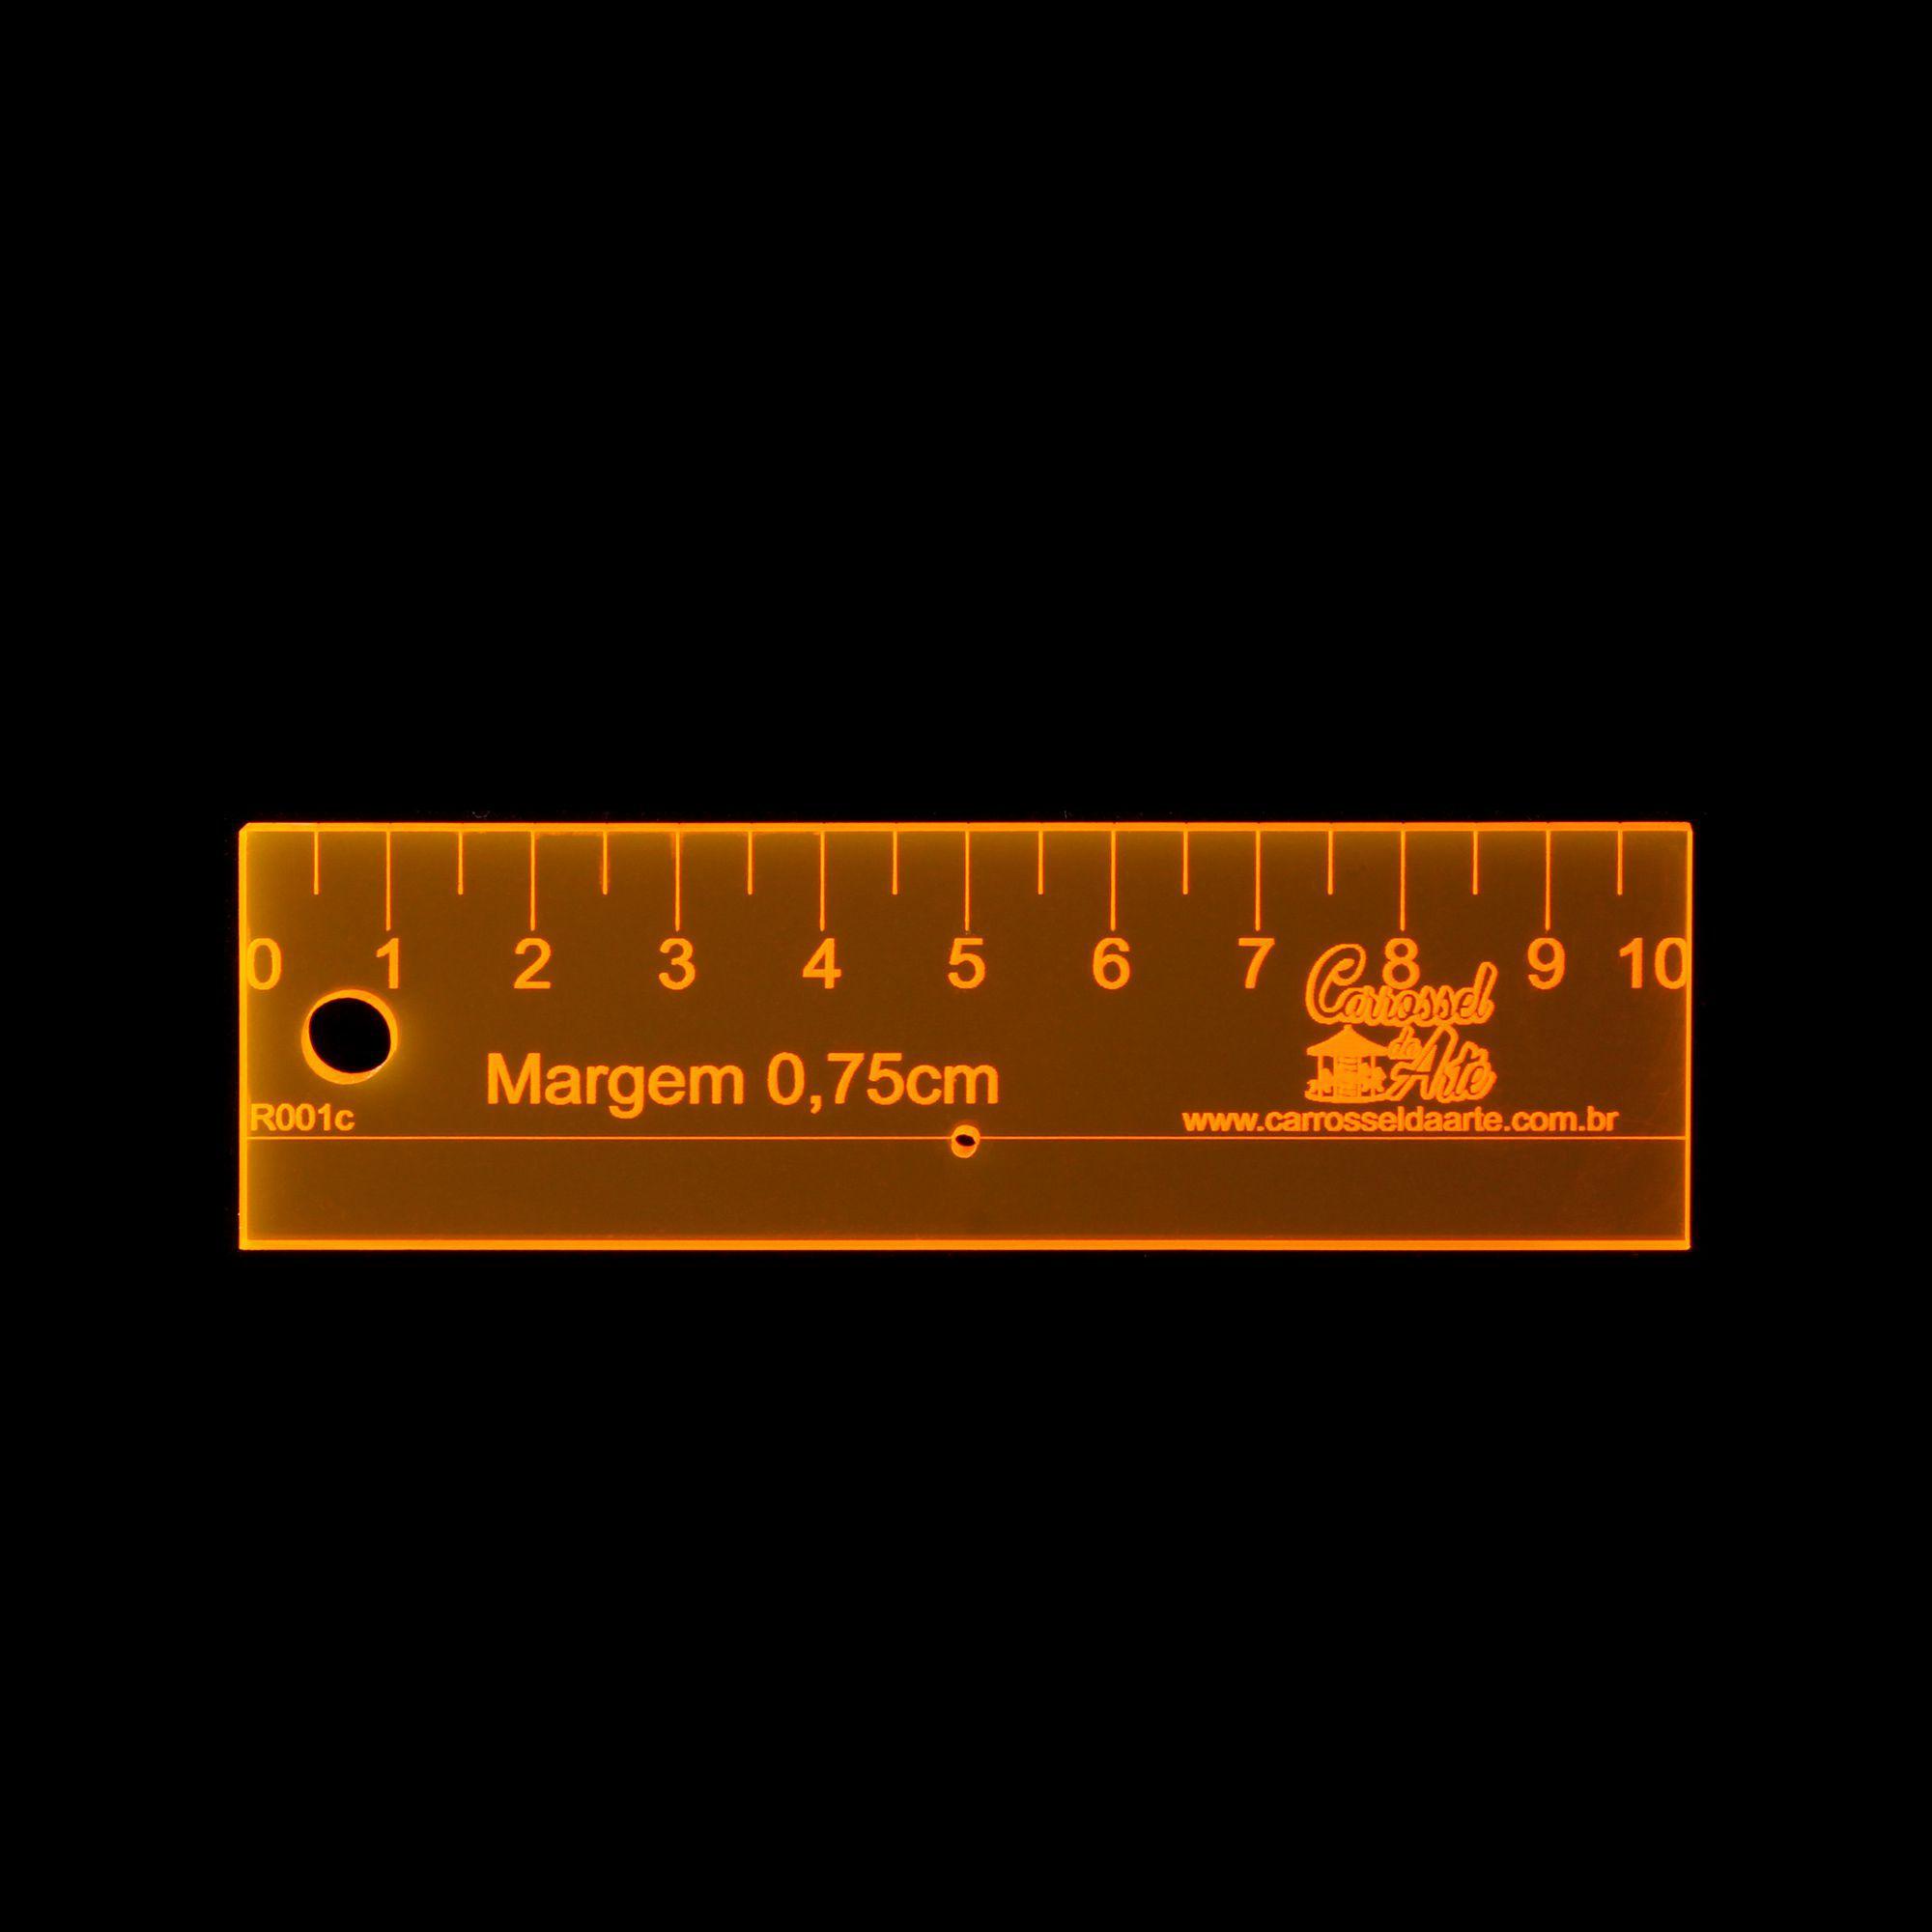 Régua Margem de Costura de 0,75cm, centímetro, com furo para agulha R001